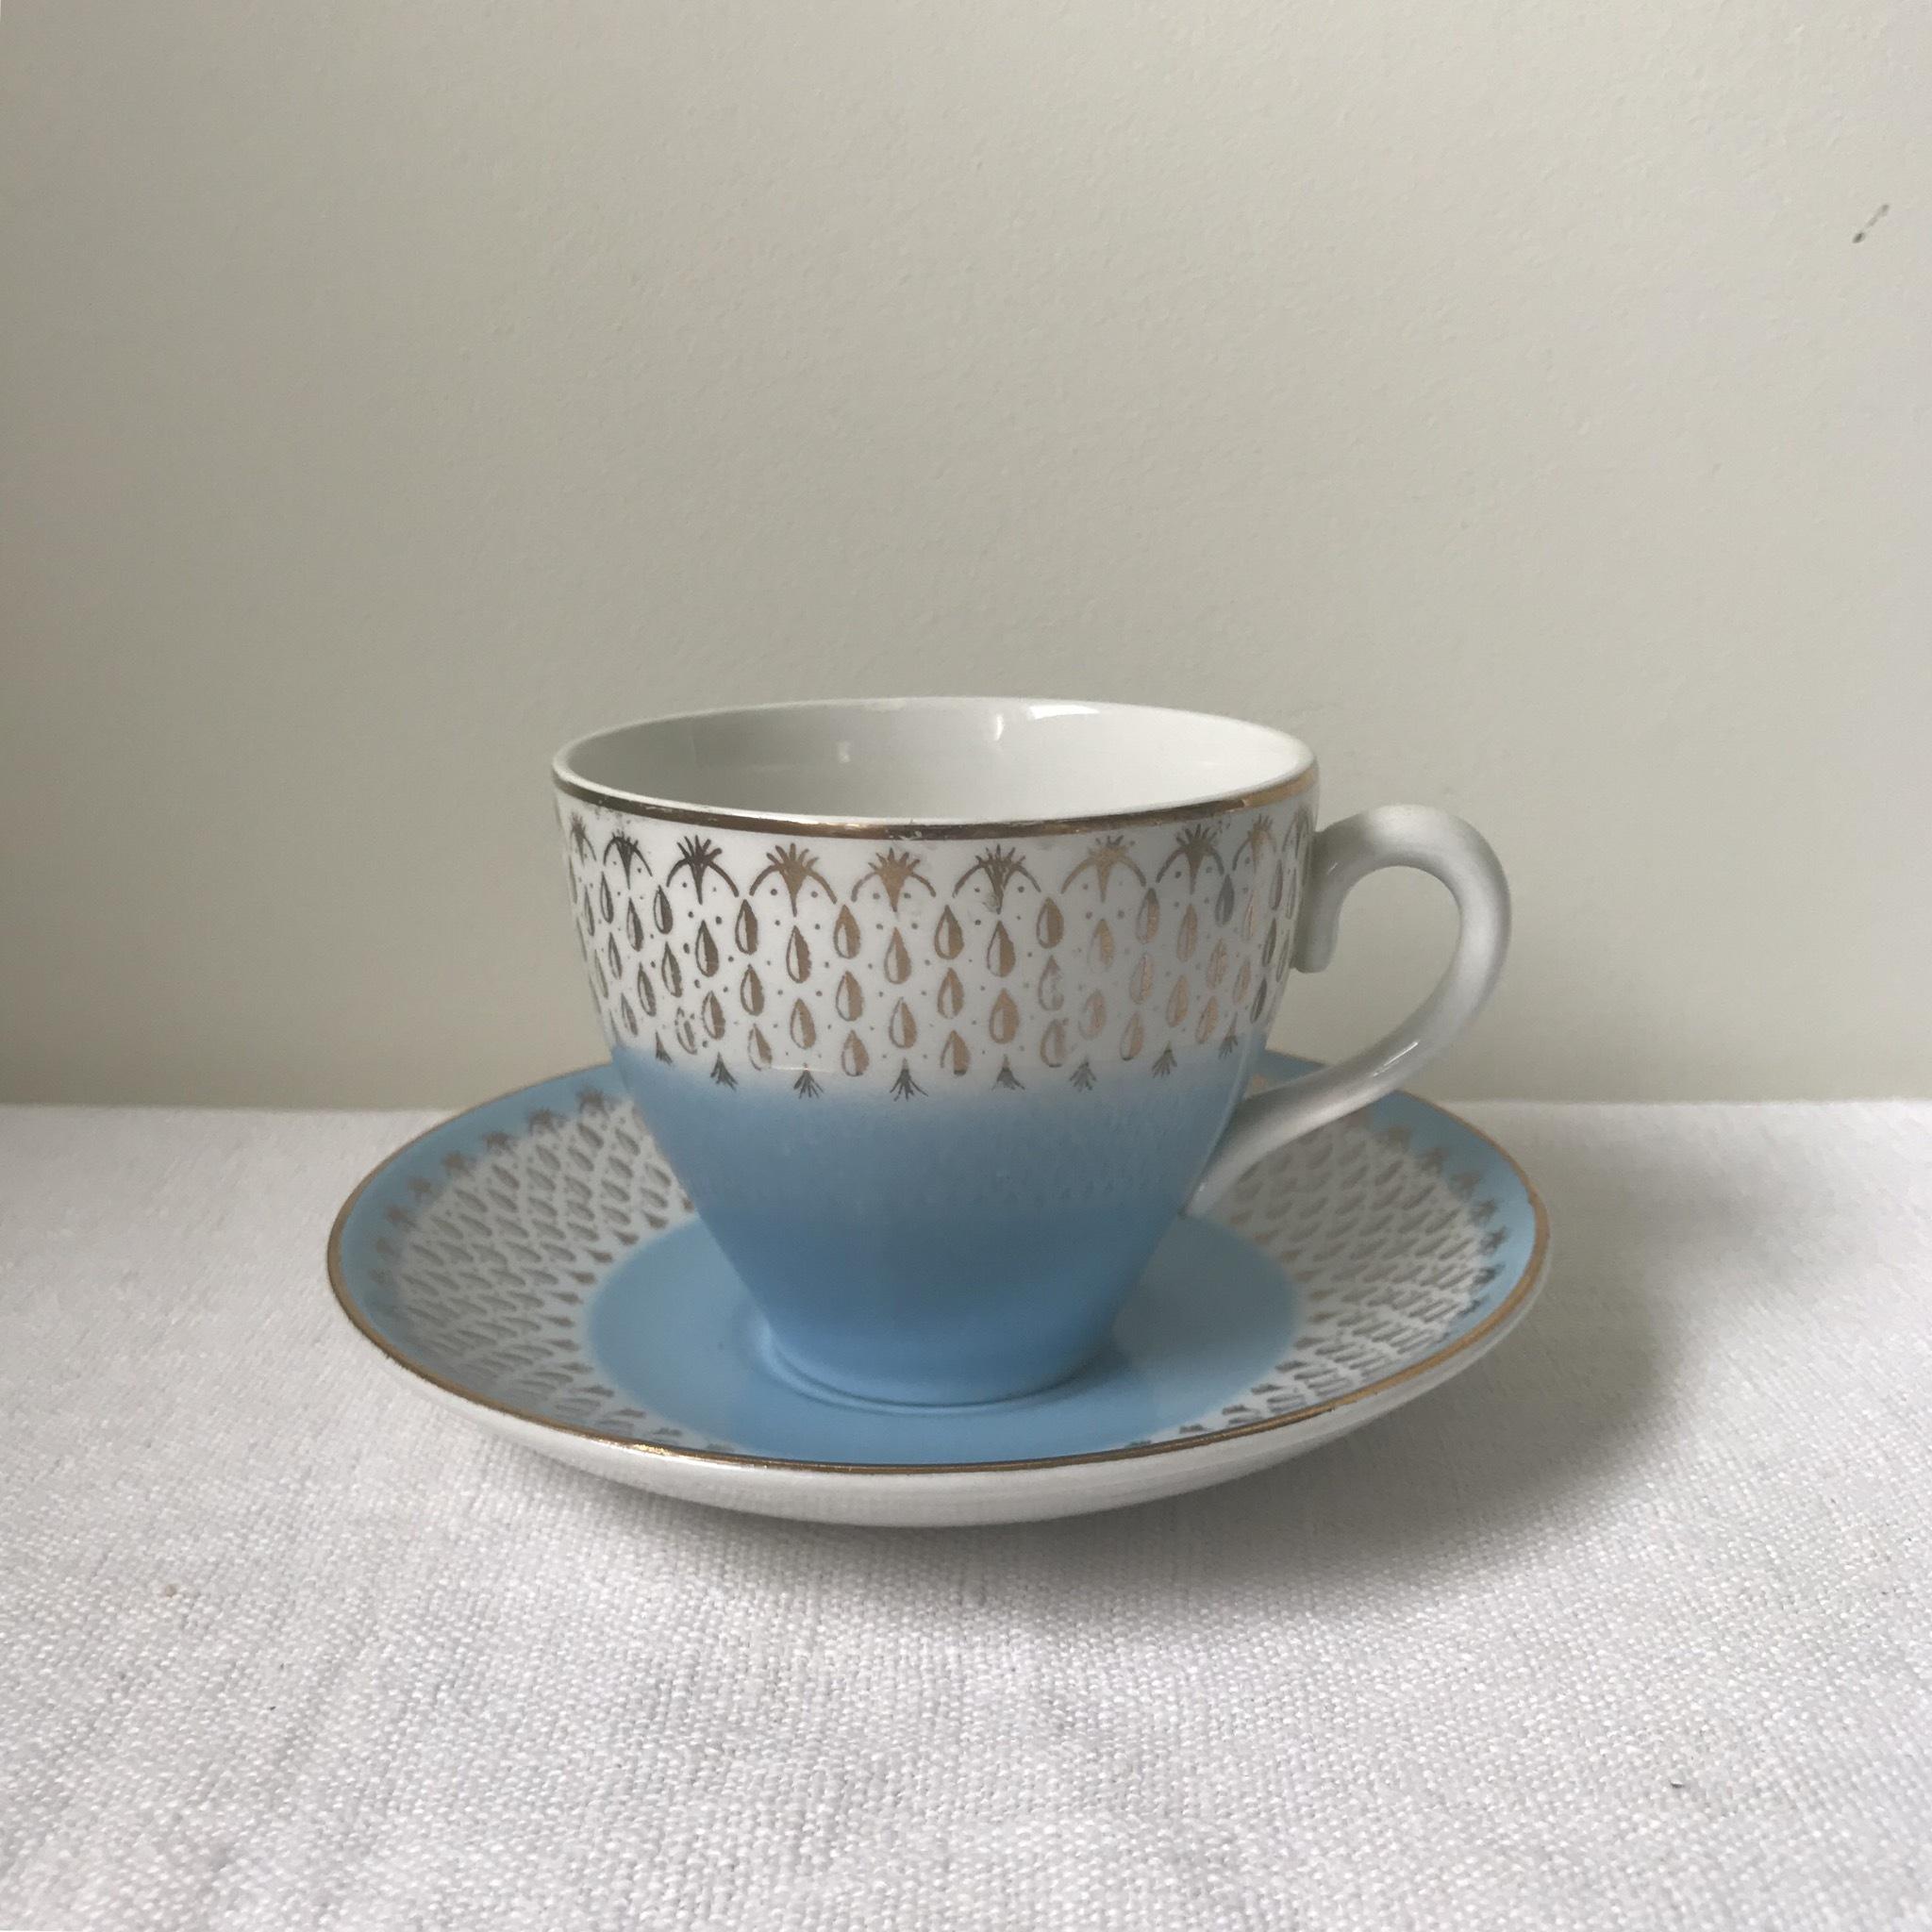 レインドロップ柄のカップ&ソーサー